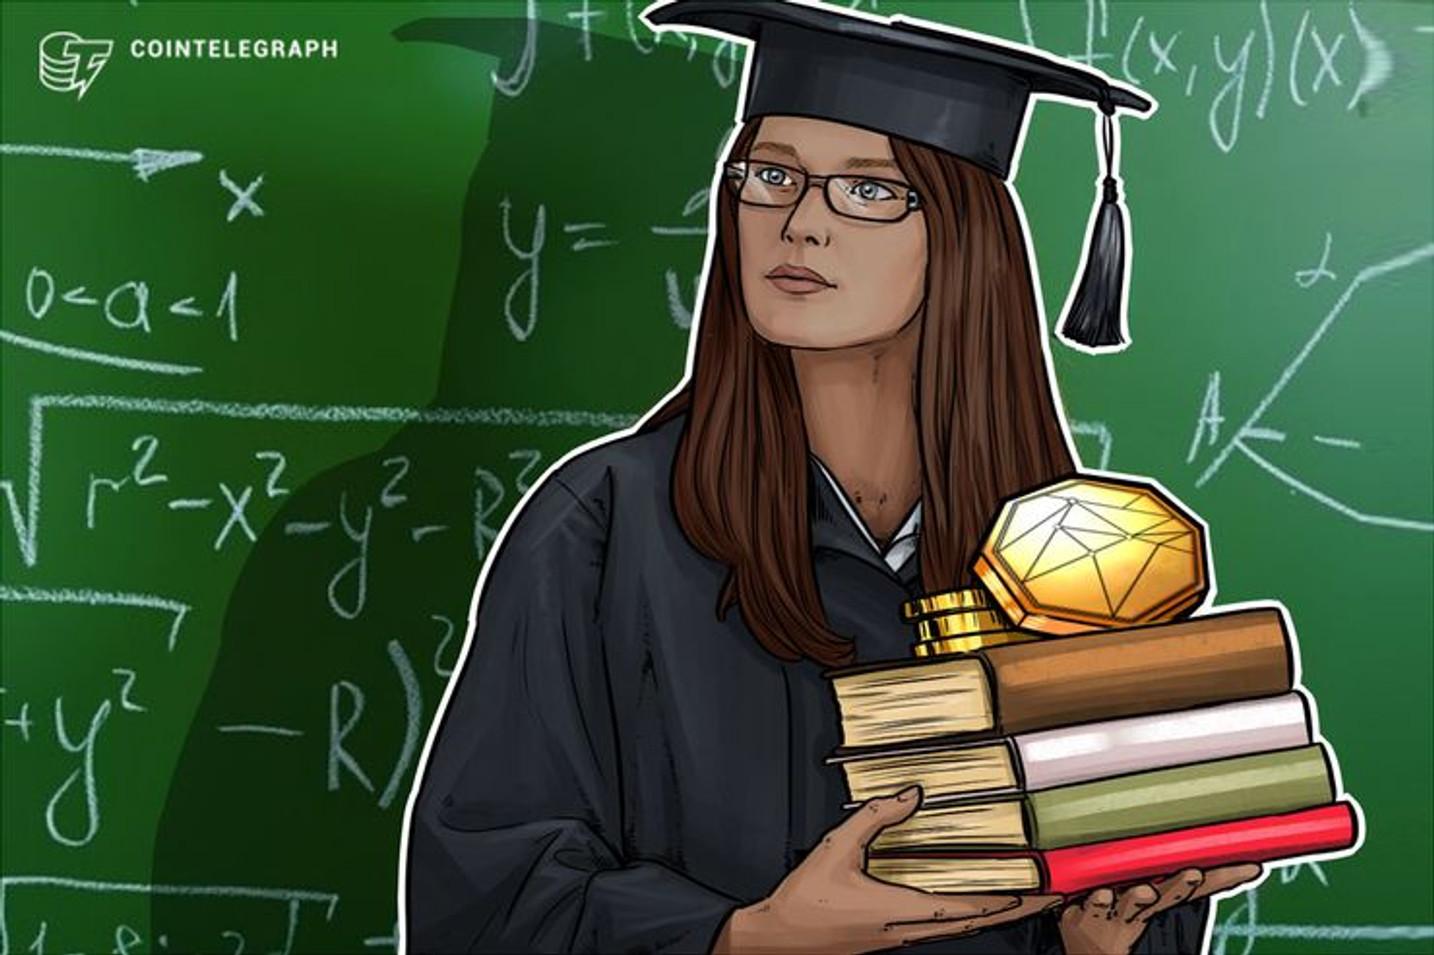 España: Prevén que la tecnología Blockchain acabará con problemas administrativos en la acreditación de carreras universitarias